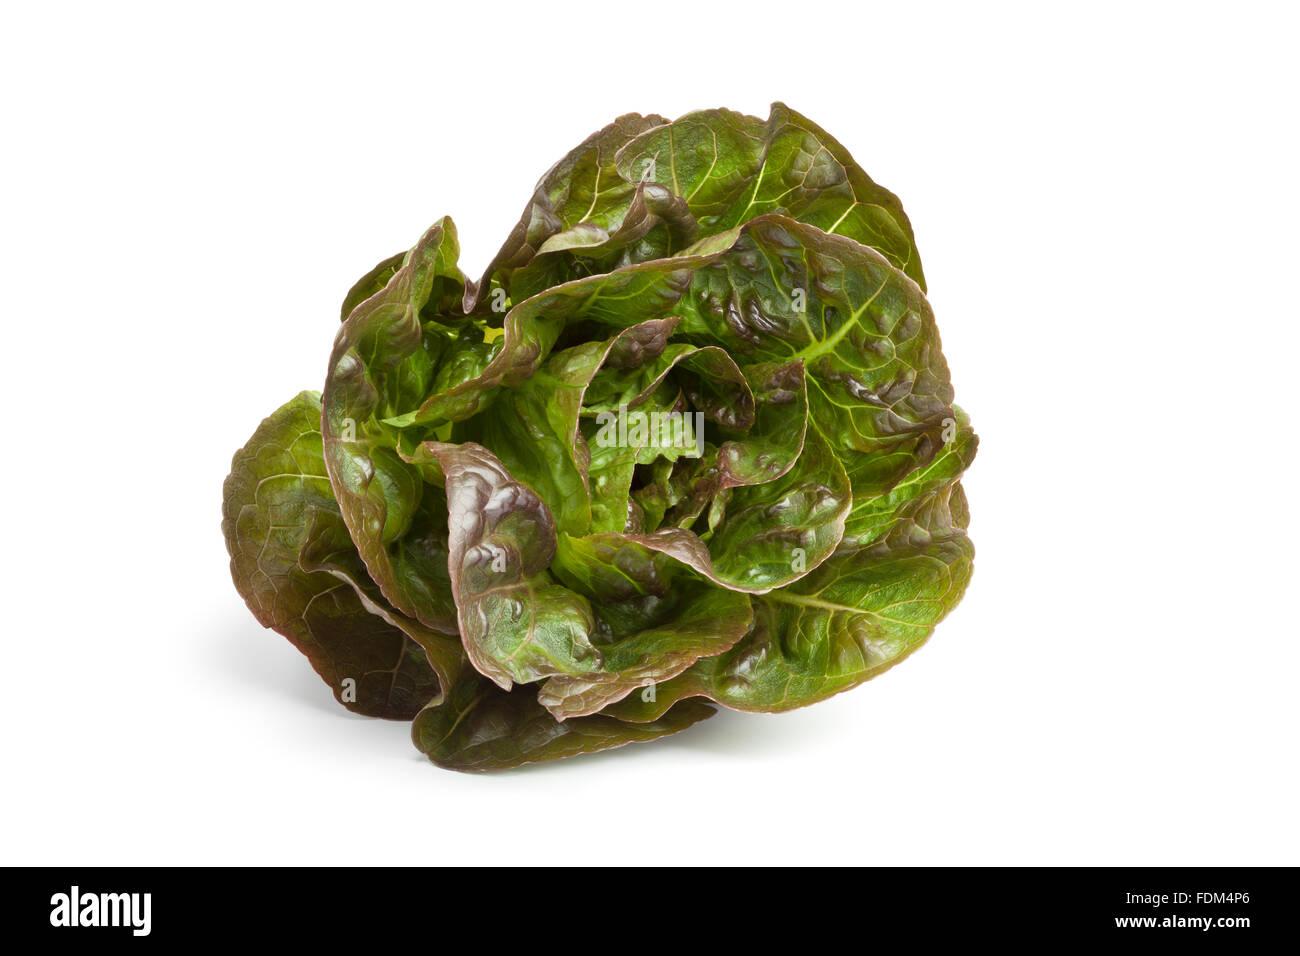 Little fresh Gem lettuce on white background - Stock Image